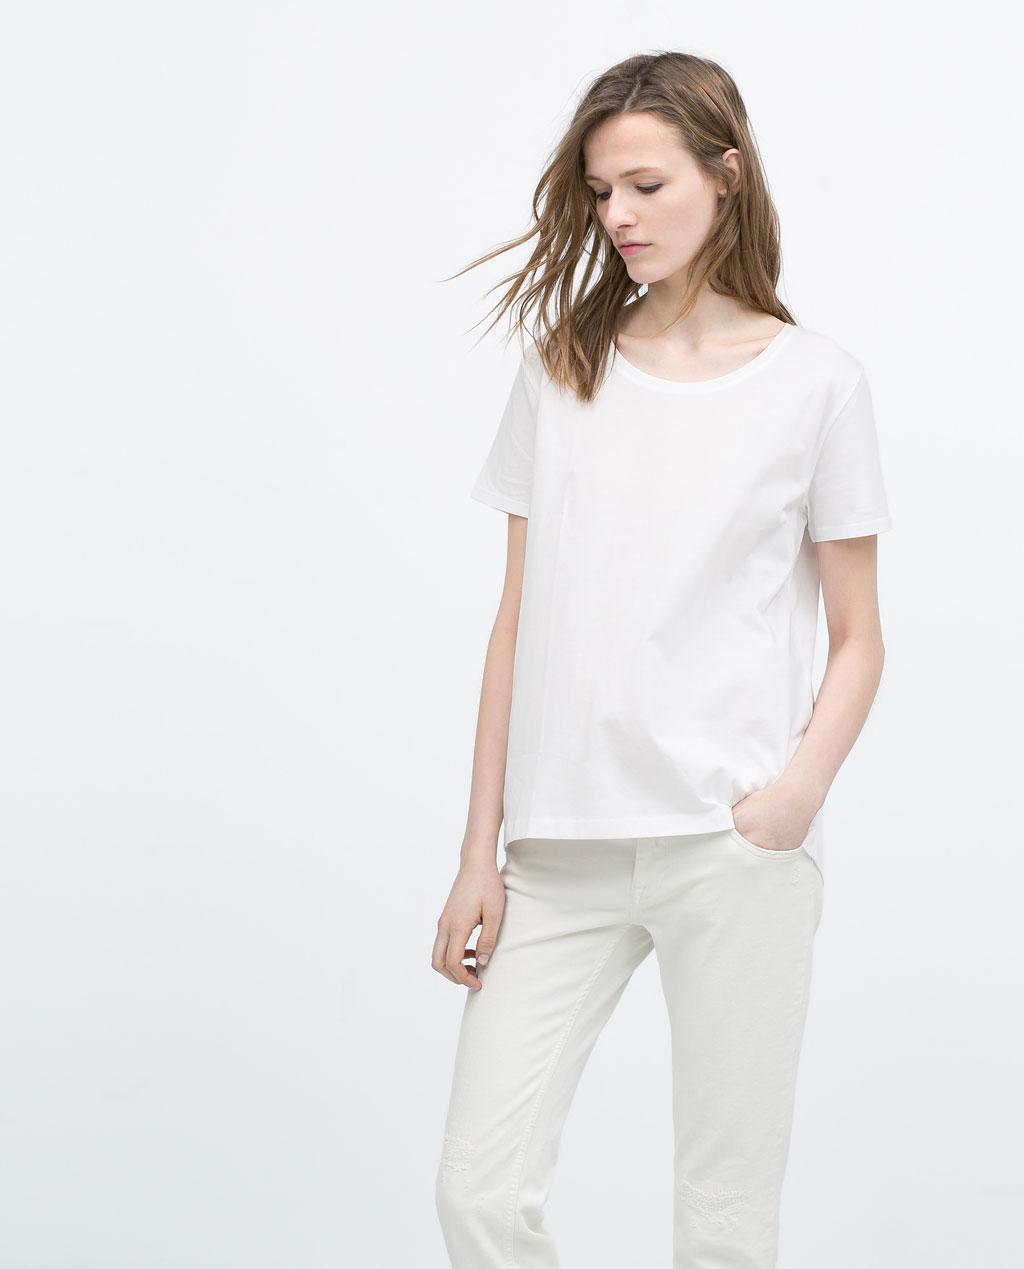 klasyczny biały t-shirt (źródło: zara.com)